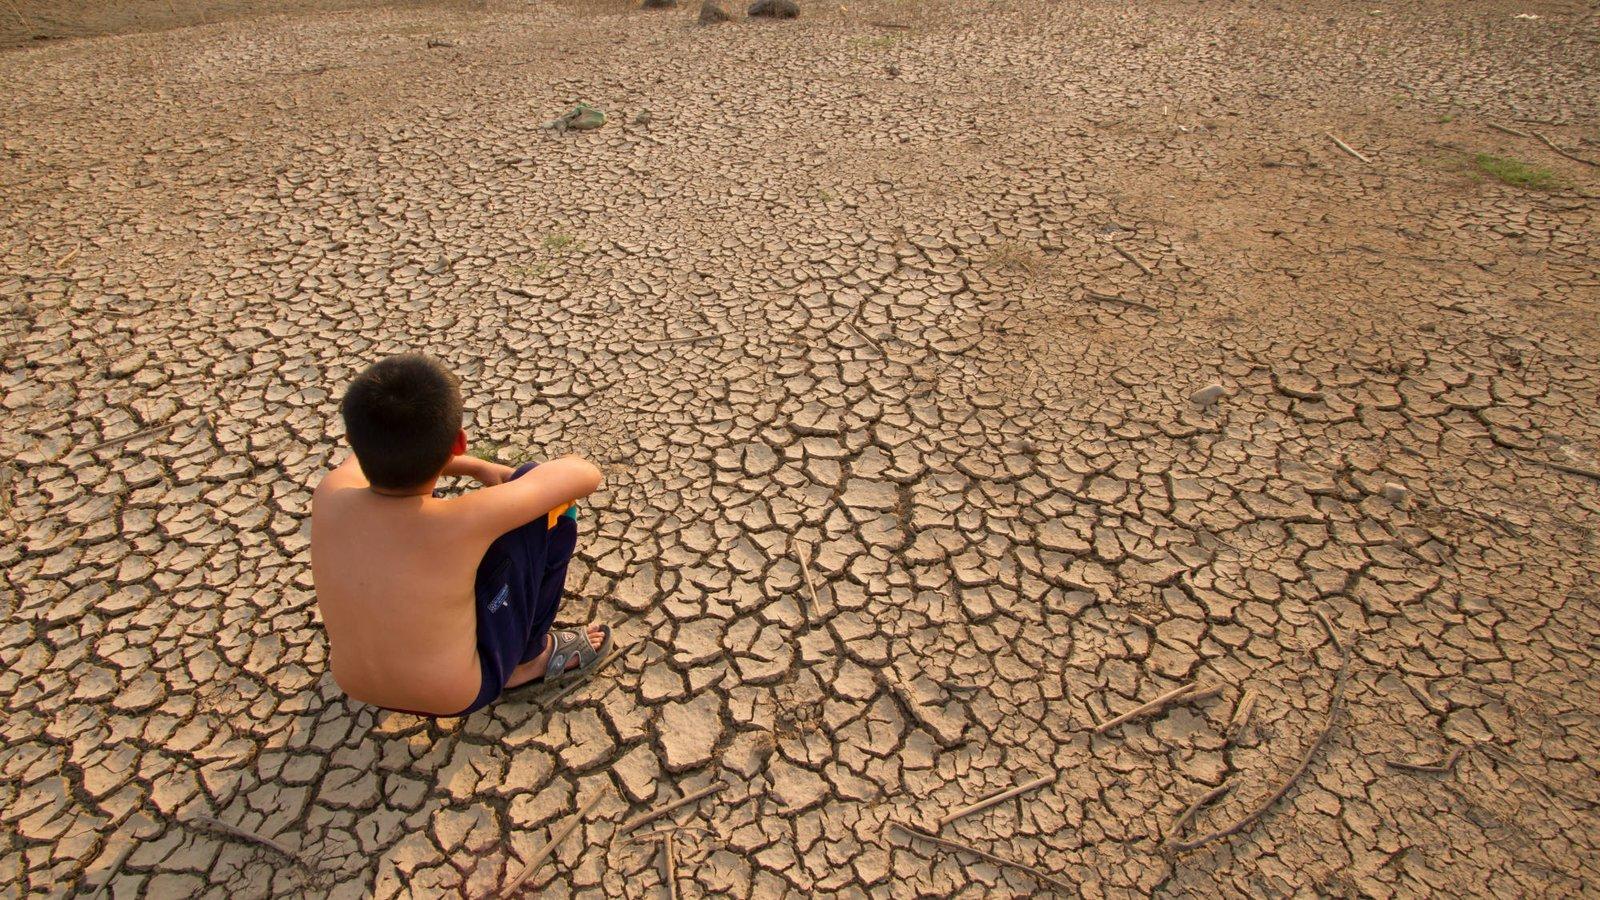 Child sits on cracked earth. Copyright: piyaset/iStockPhoto